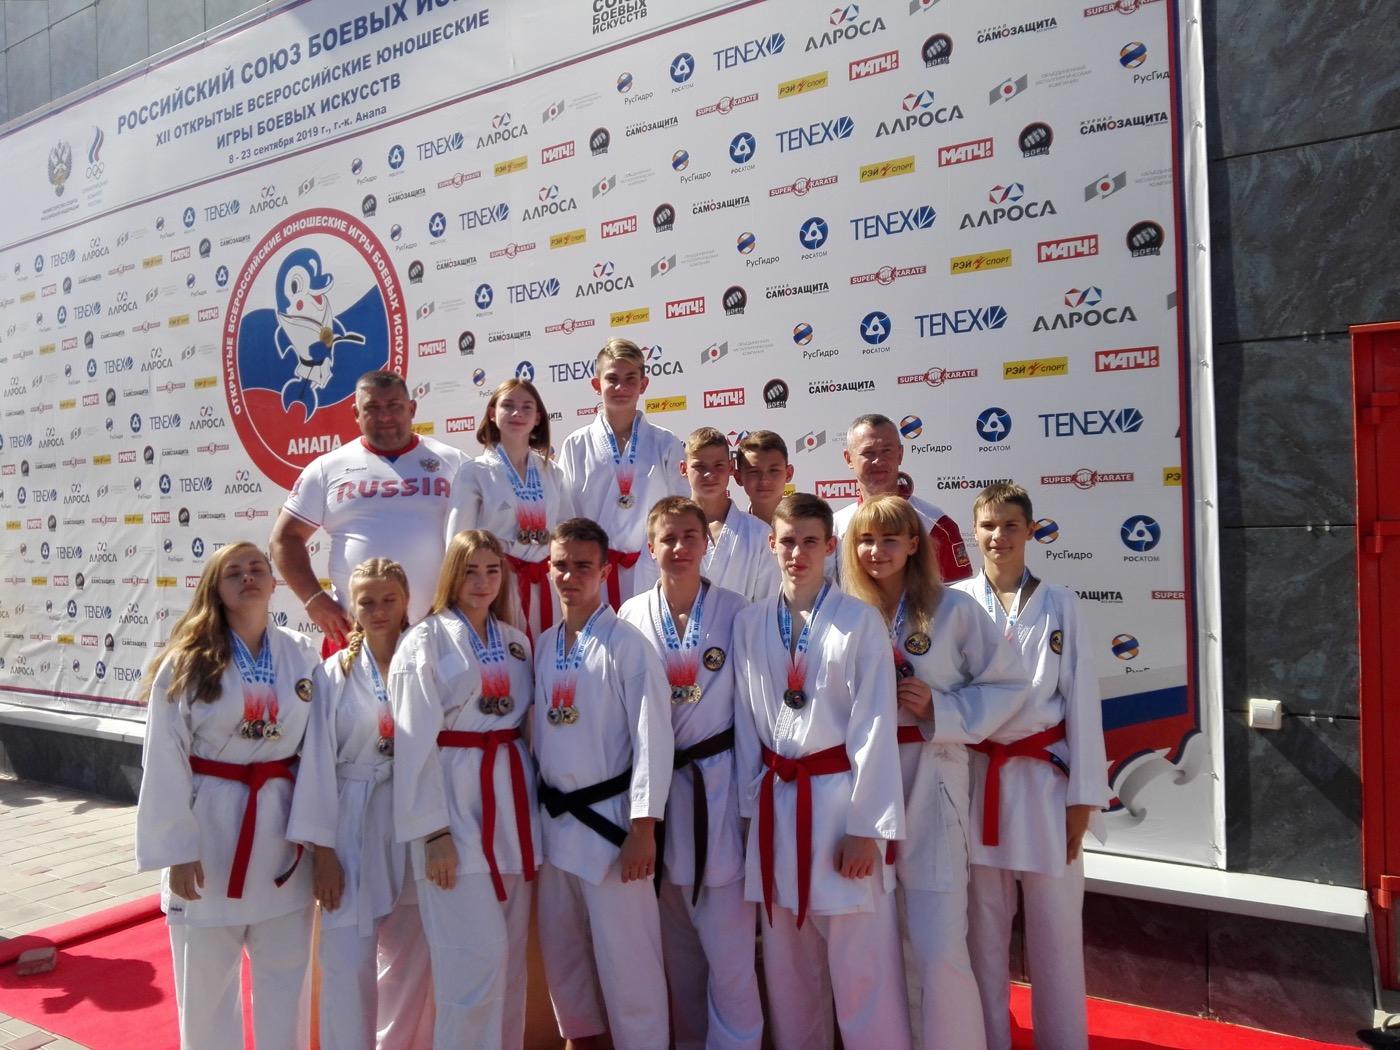 Коломенские каратисты успешно выступили на соревнованиях в Сочи